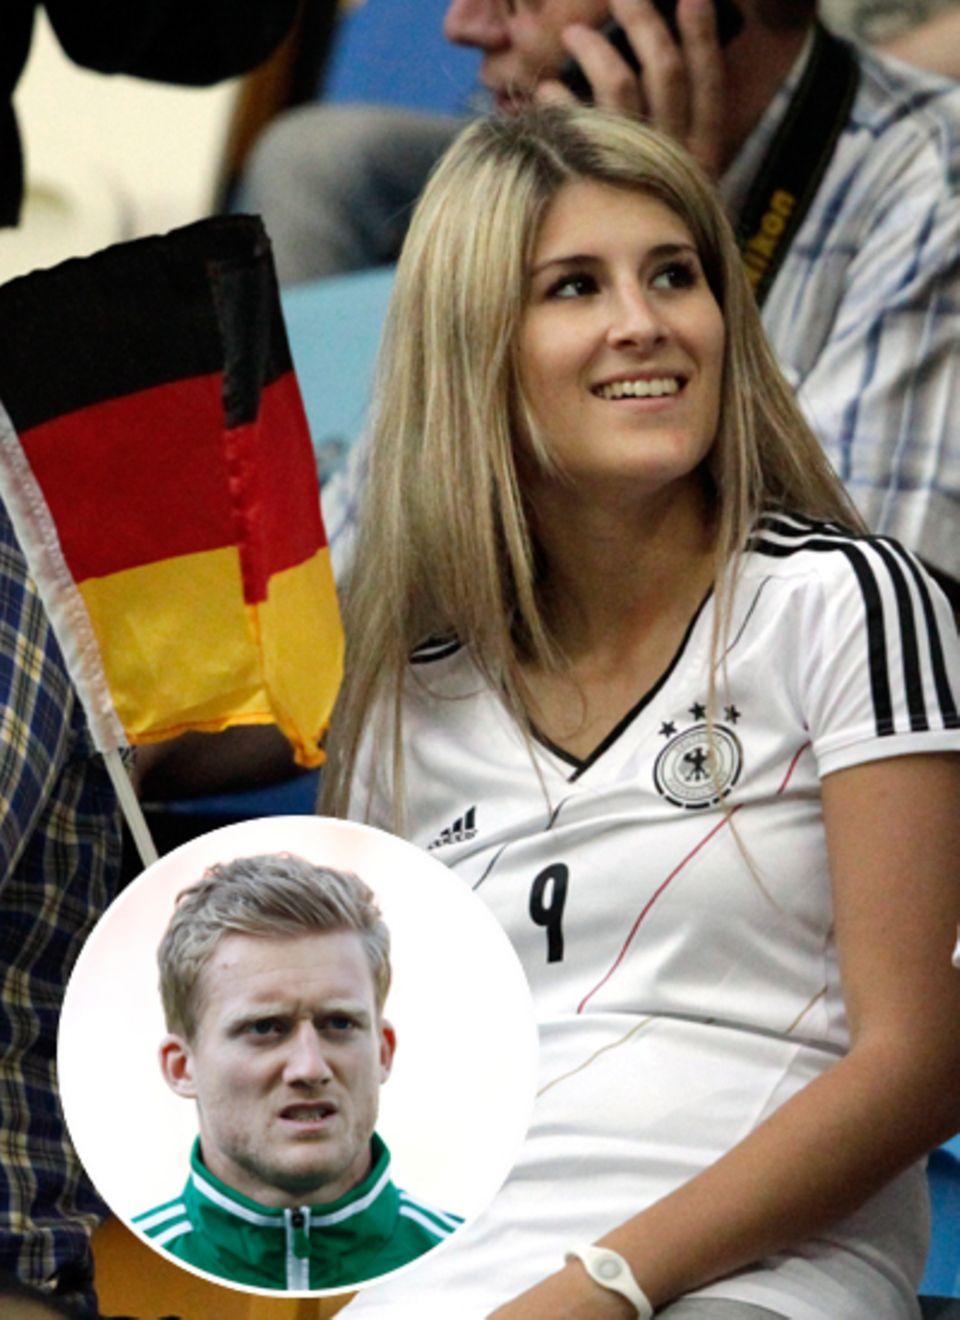 Sandra Schöning und  Bayer-Leverkusen-Star André Schürrle, 22, hatten sich vergangenes Jahr kurzzeitig getrennt, jetzt leben sie